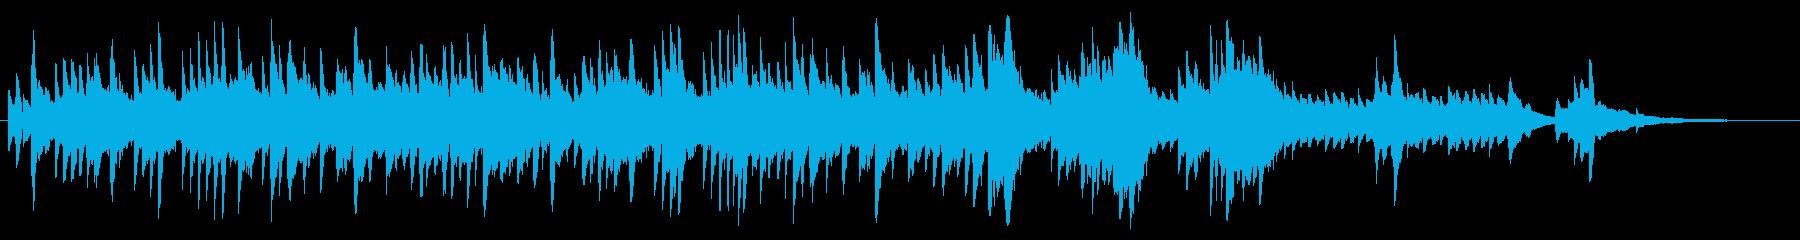 回想シーン【ピアノVer.】の再生済みの波形